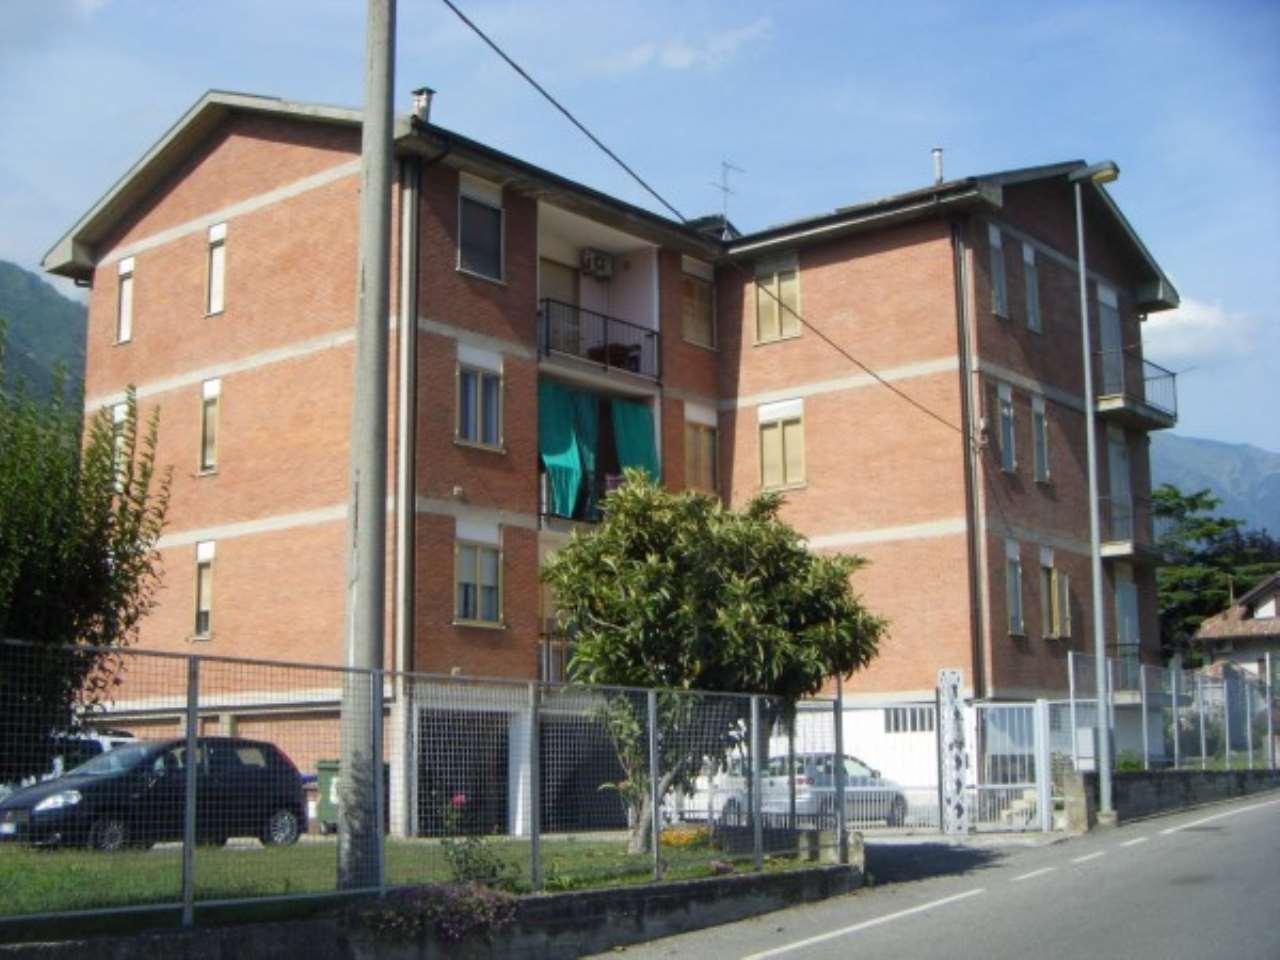 Appartamento in vendita a Bussoleno, 5 locali, prezzo € 83.000 | CambioCasa.it